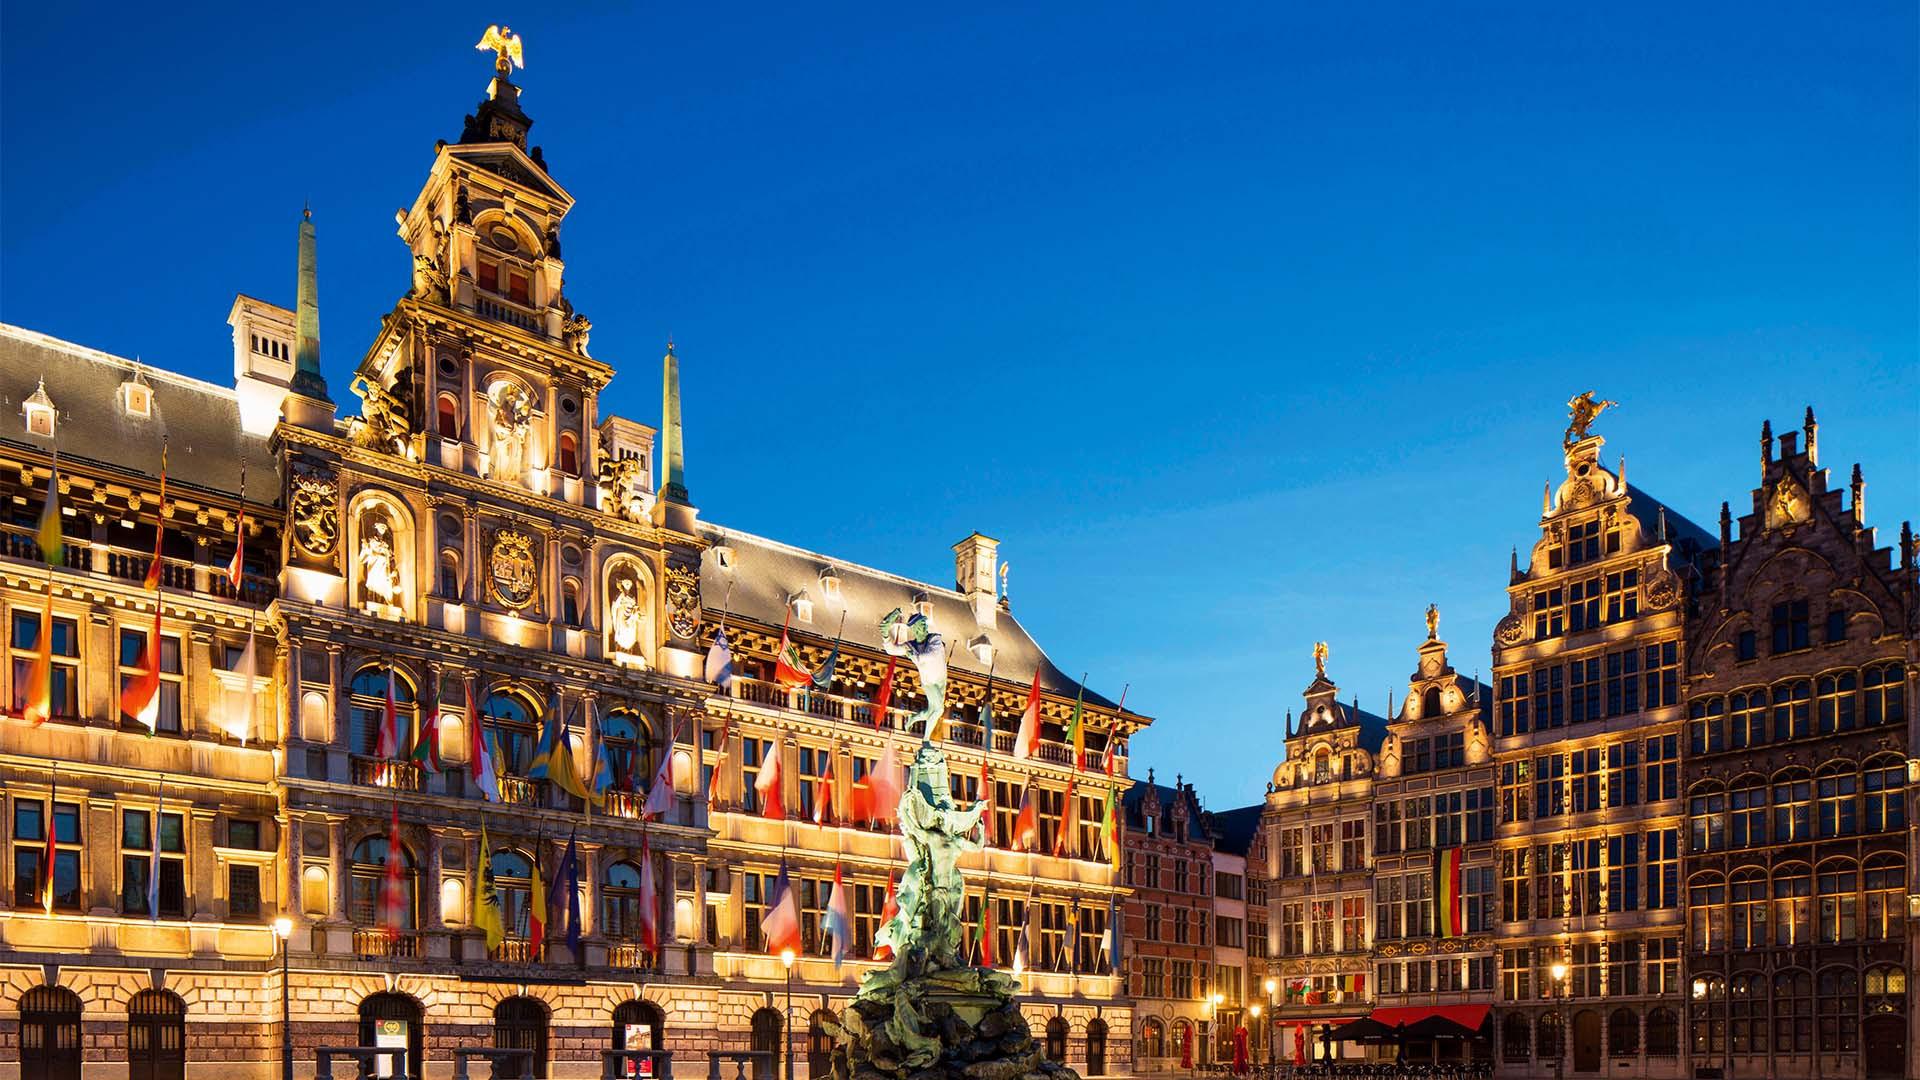 Town Hall, Antwerp Belgium